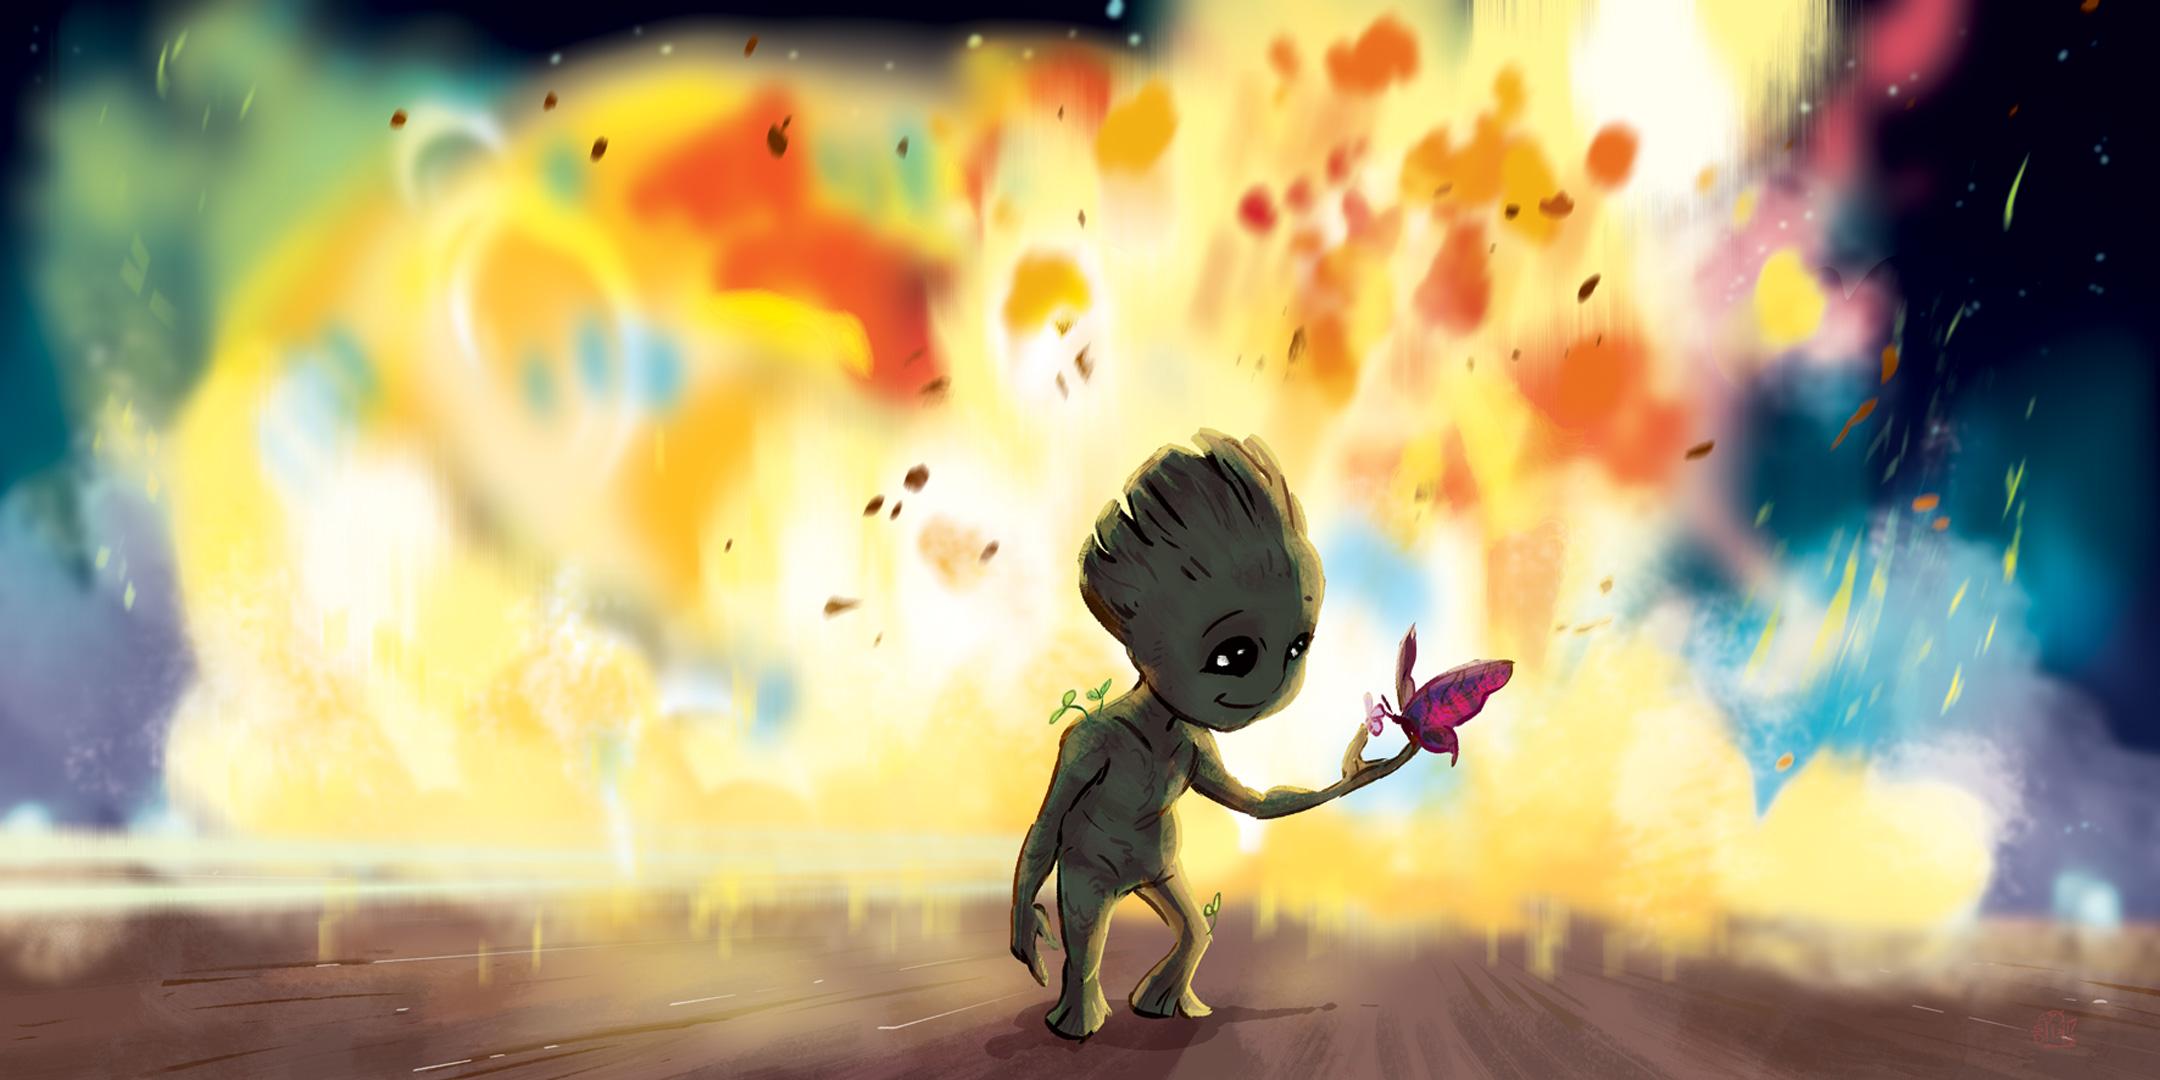 Psychedelic Wallpaper Hd Baby Groot Fan Art Hd Artist 4k Wallpapers Images